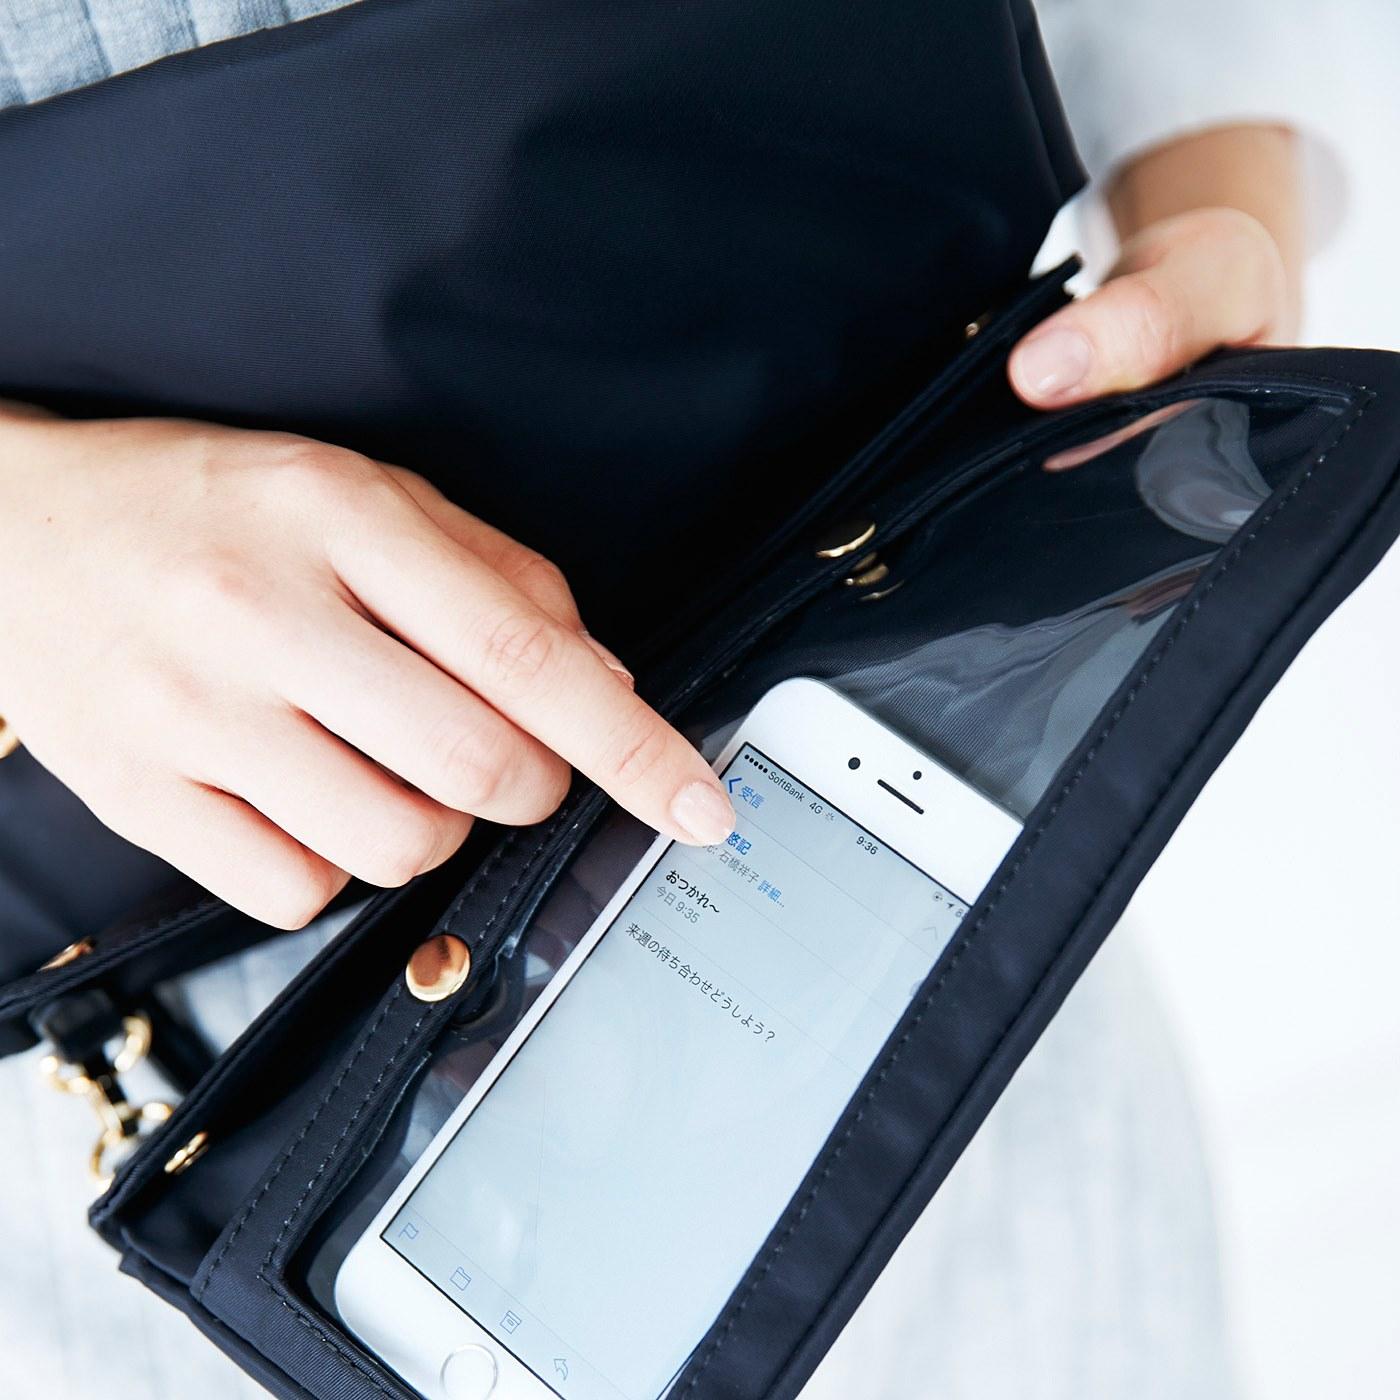 バックポケット裏には、タッチパネル対応の秘密の透明ポケットが。さりげなくチェックOK。